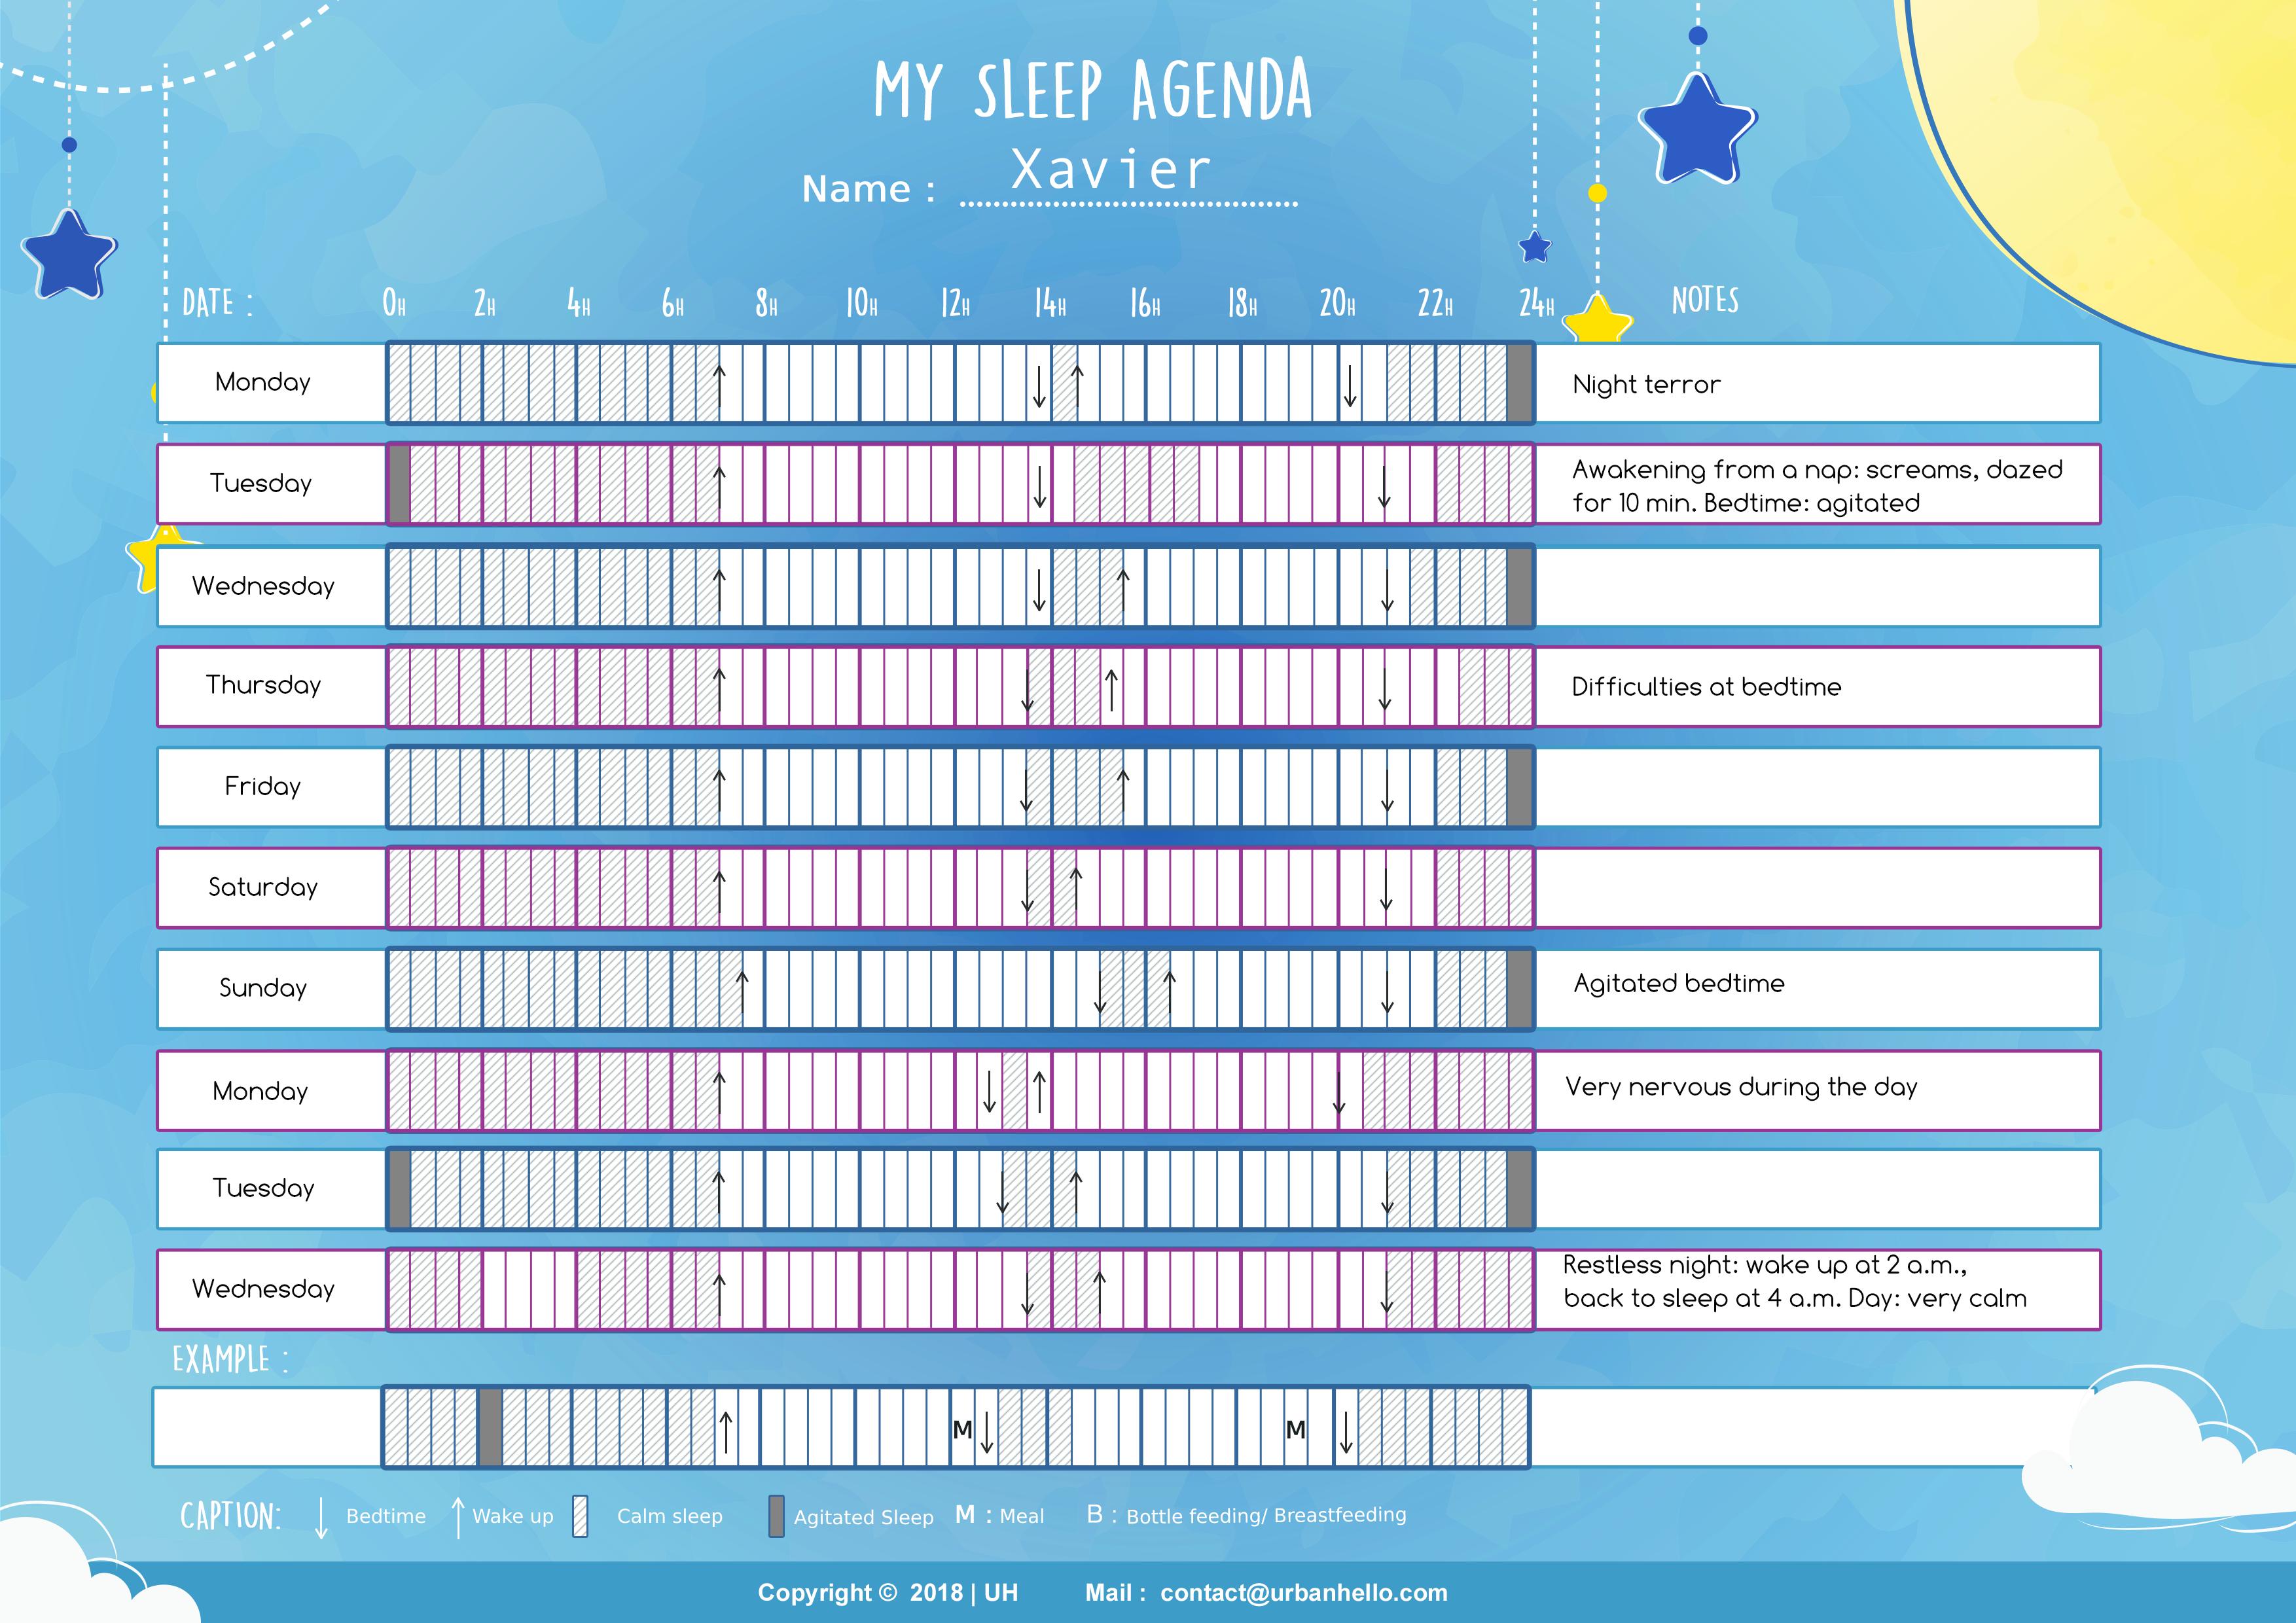 Agenda heure de sommeil enfant : Xavier